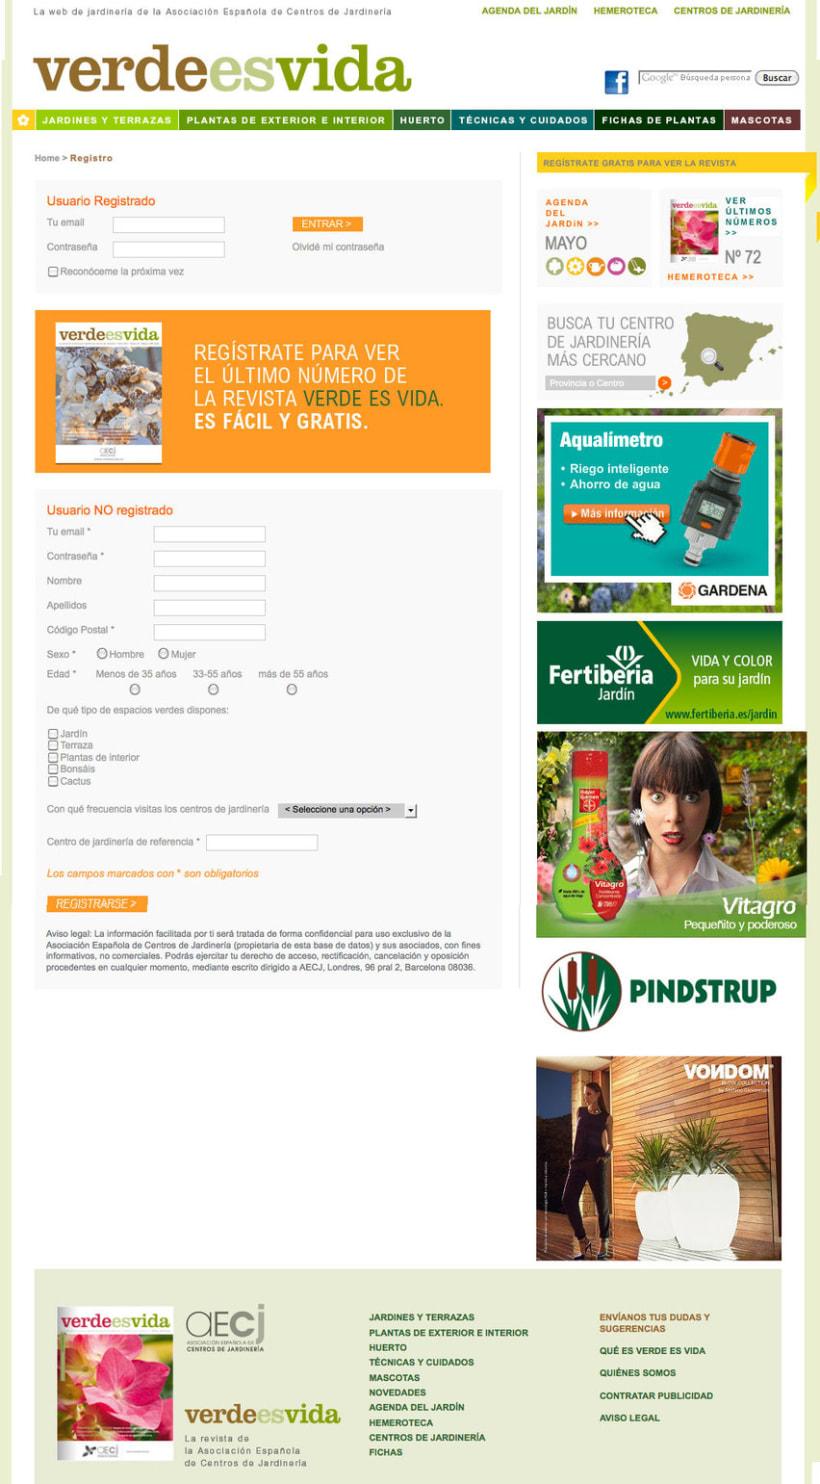 Verdeesvida - Pagina a medida para la Asociación Española de Centros de Jardinería(aEcj) 3